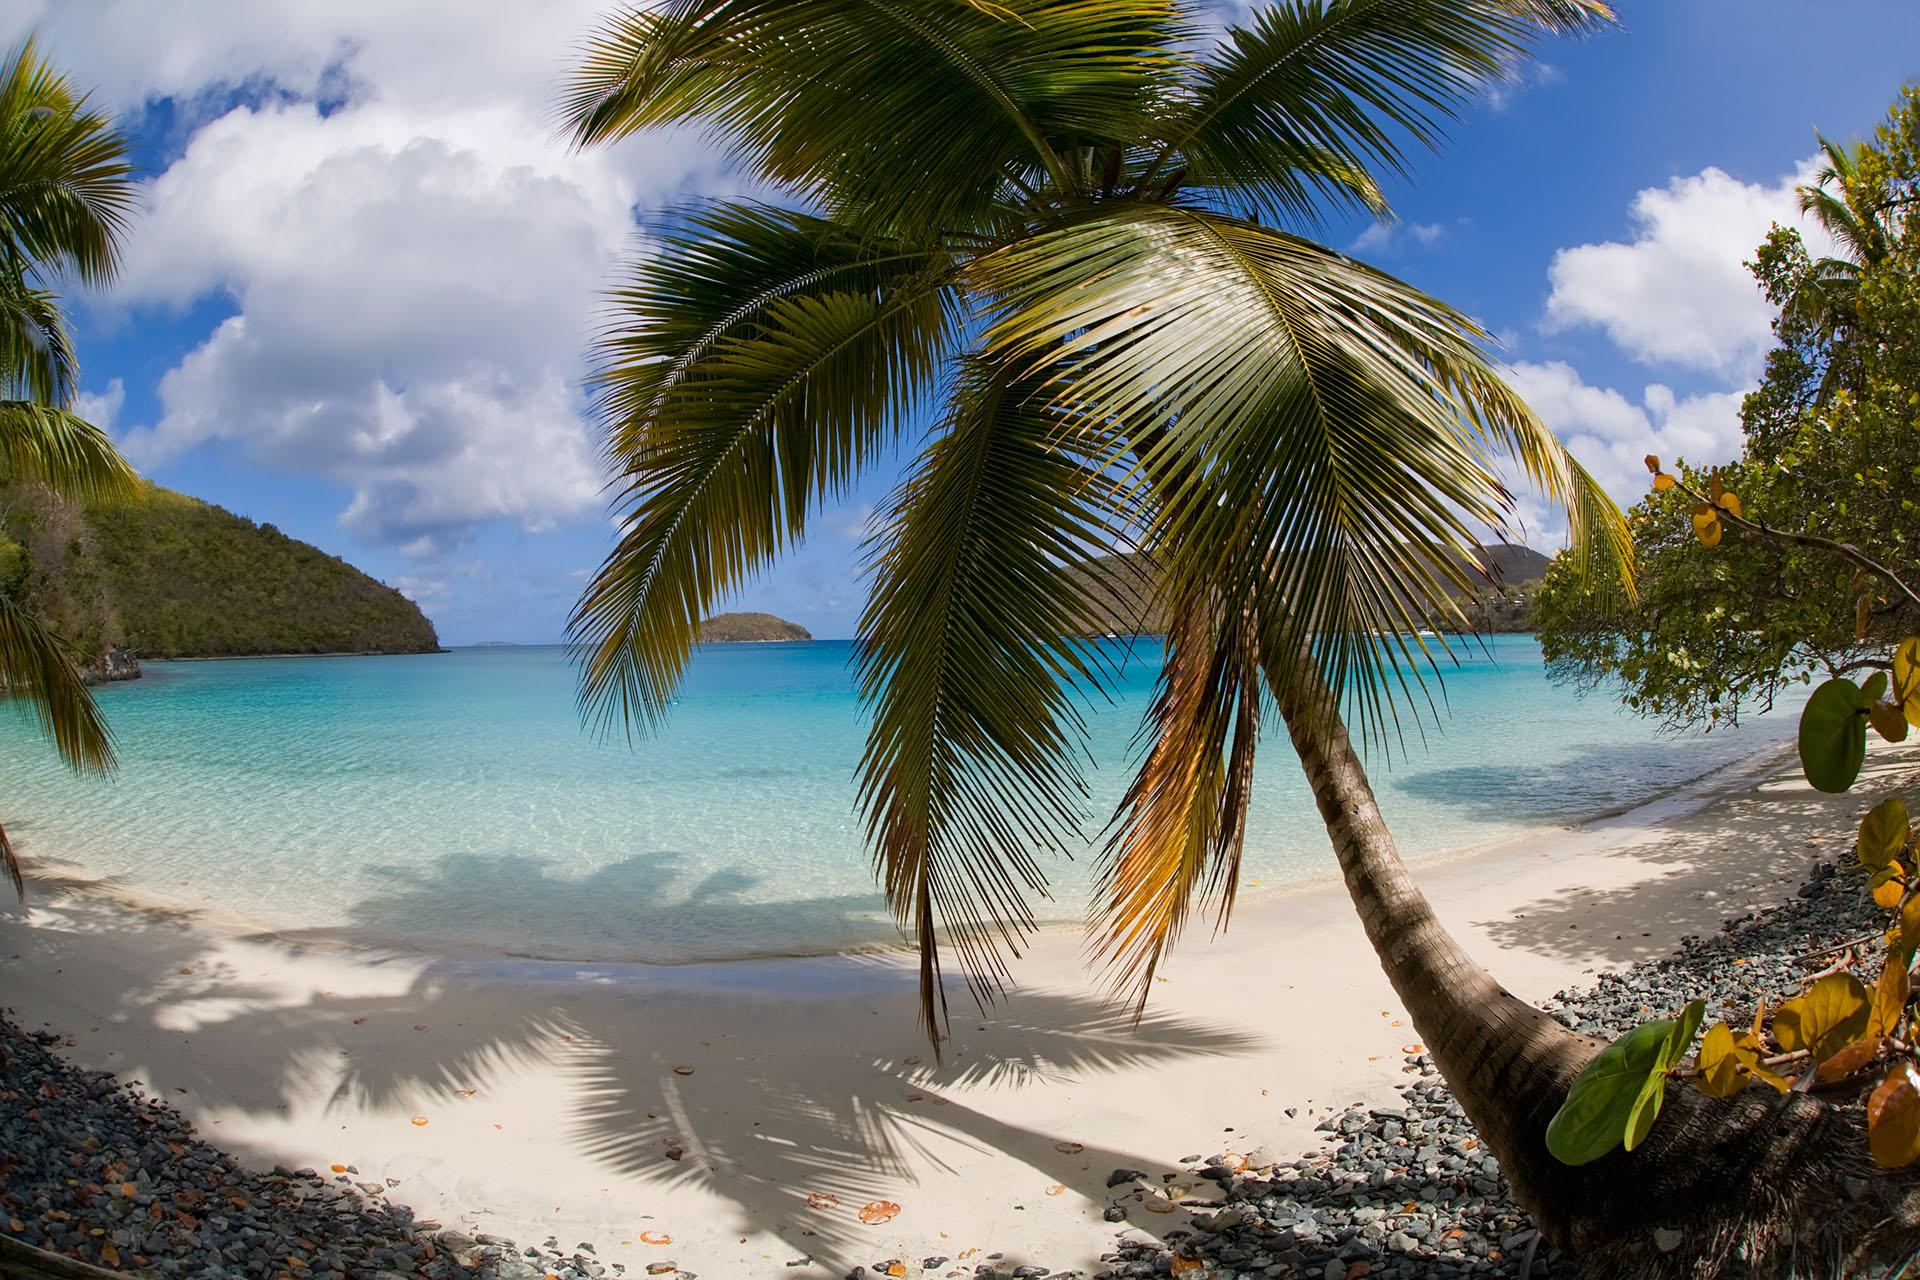 La playa de Maho lo tiene todo. Rodeada de vegetación, con olas ligeras, arena blanca, se considera la joya de San Juan. Además, forma parte del Parque Nacional de las Islas Vírgenes y el acceso es gratuito